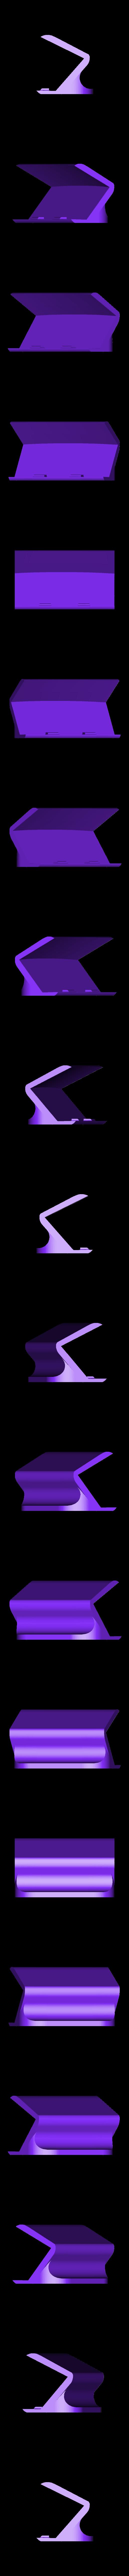 Sun.stl Télécharger fichier STL gratuit Mavic Pro chapeau / bouclier anti-éblouissement anti-reflet • Design imprimable en 3D, EliGreen